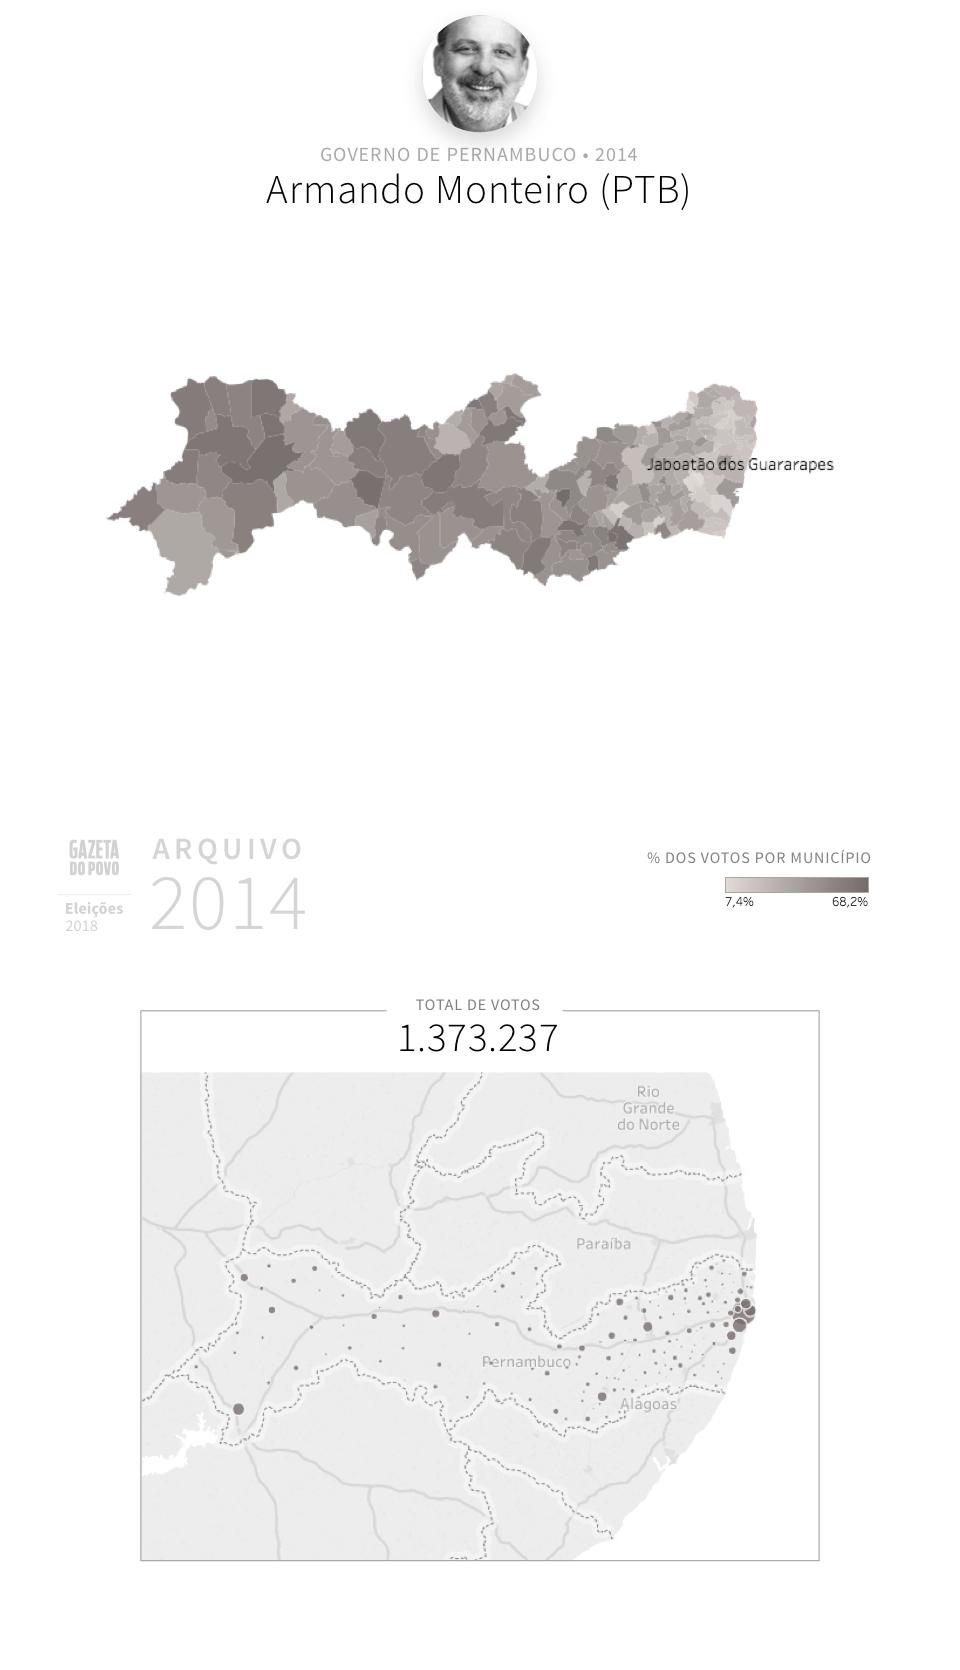 Desempenho do PTB em Pernambuco em 2014, na eleição para governador de Pernambuco. Em % do total de votos em cada município.